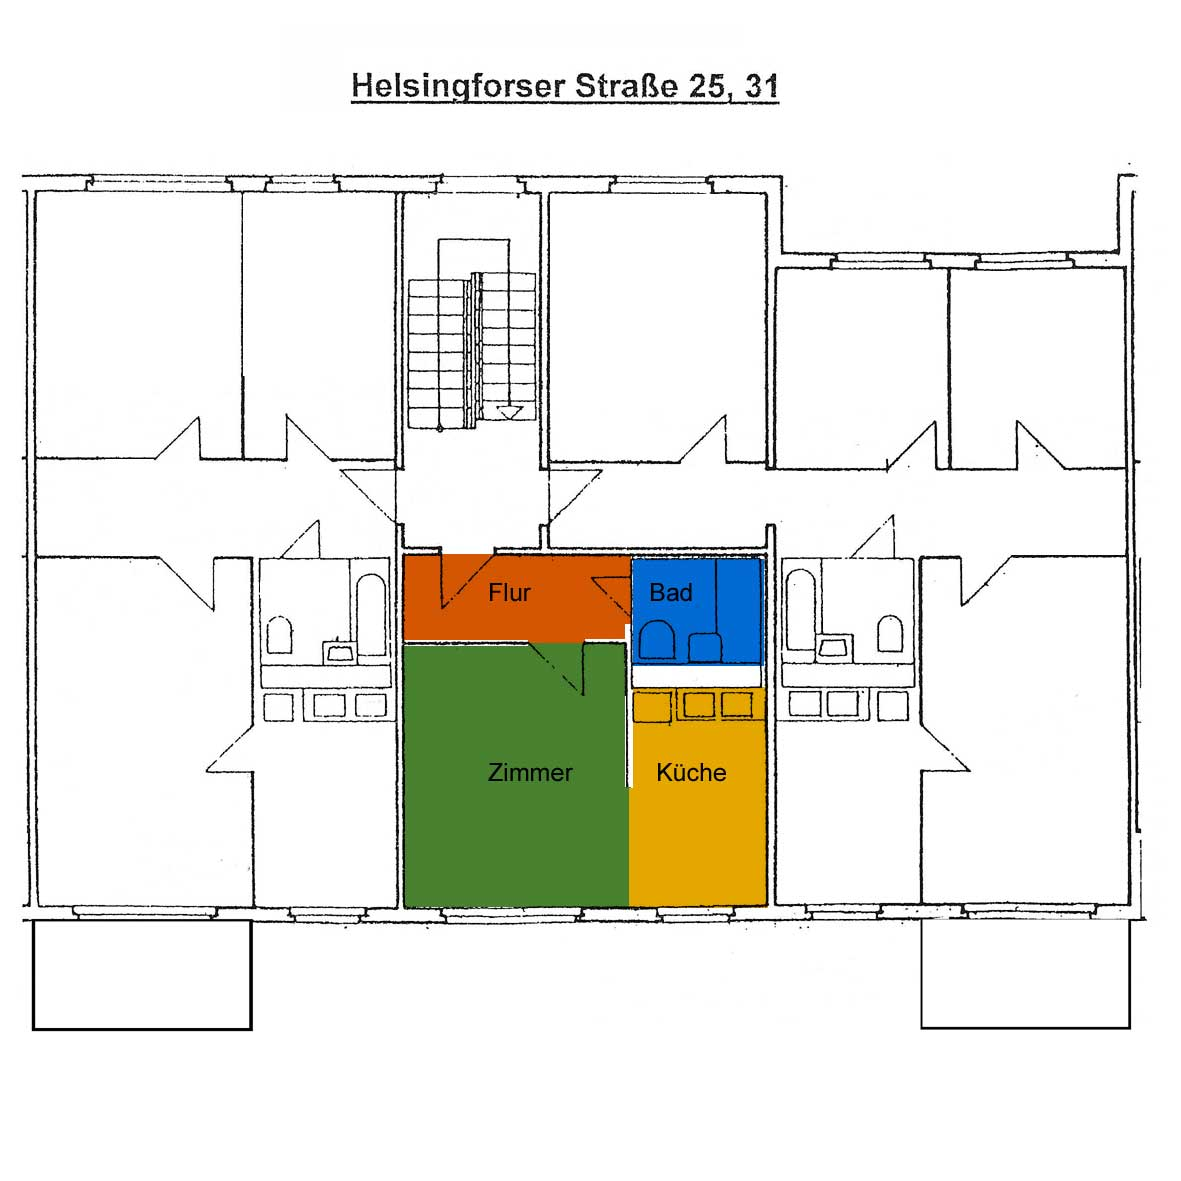 Grundriss Helsingforser Straße 25, 31, OG Mitte